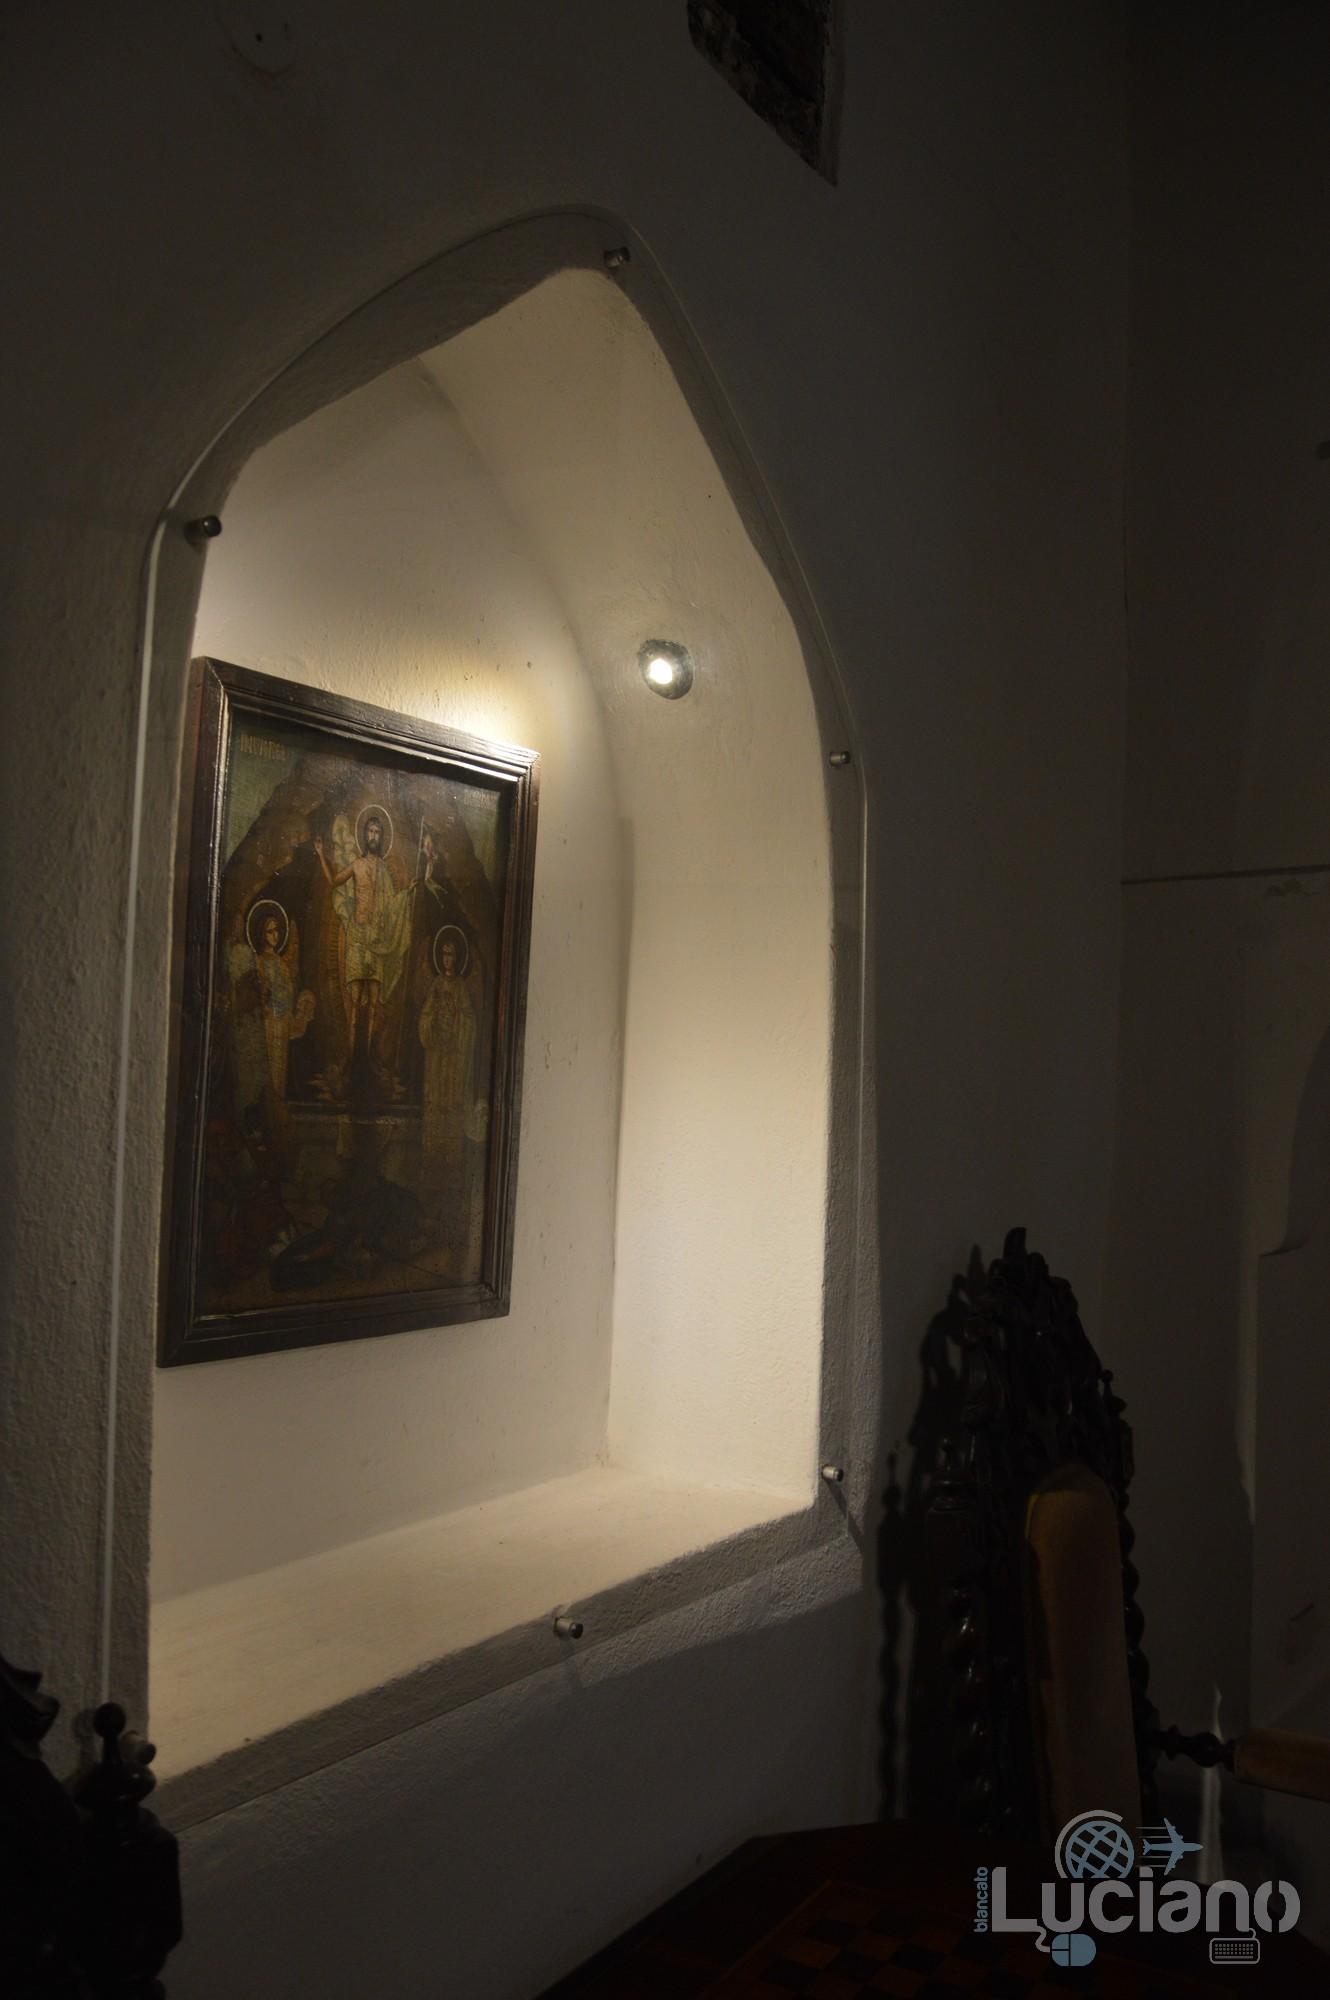 castello-di-dracula-castello-di-bran-luciano-blancato (49)